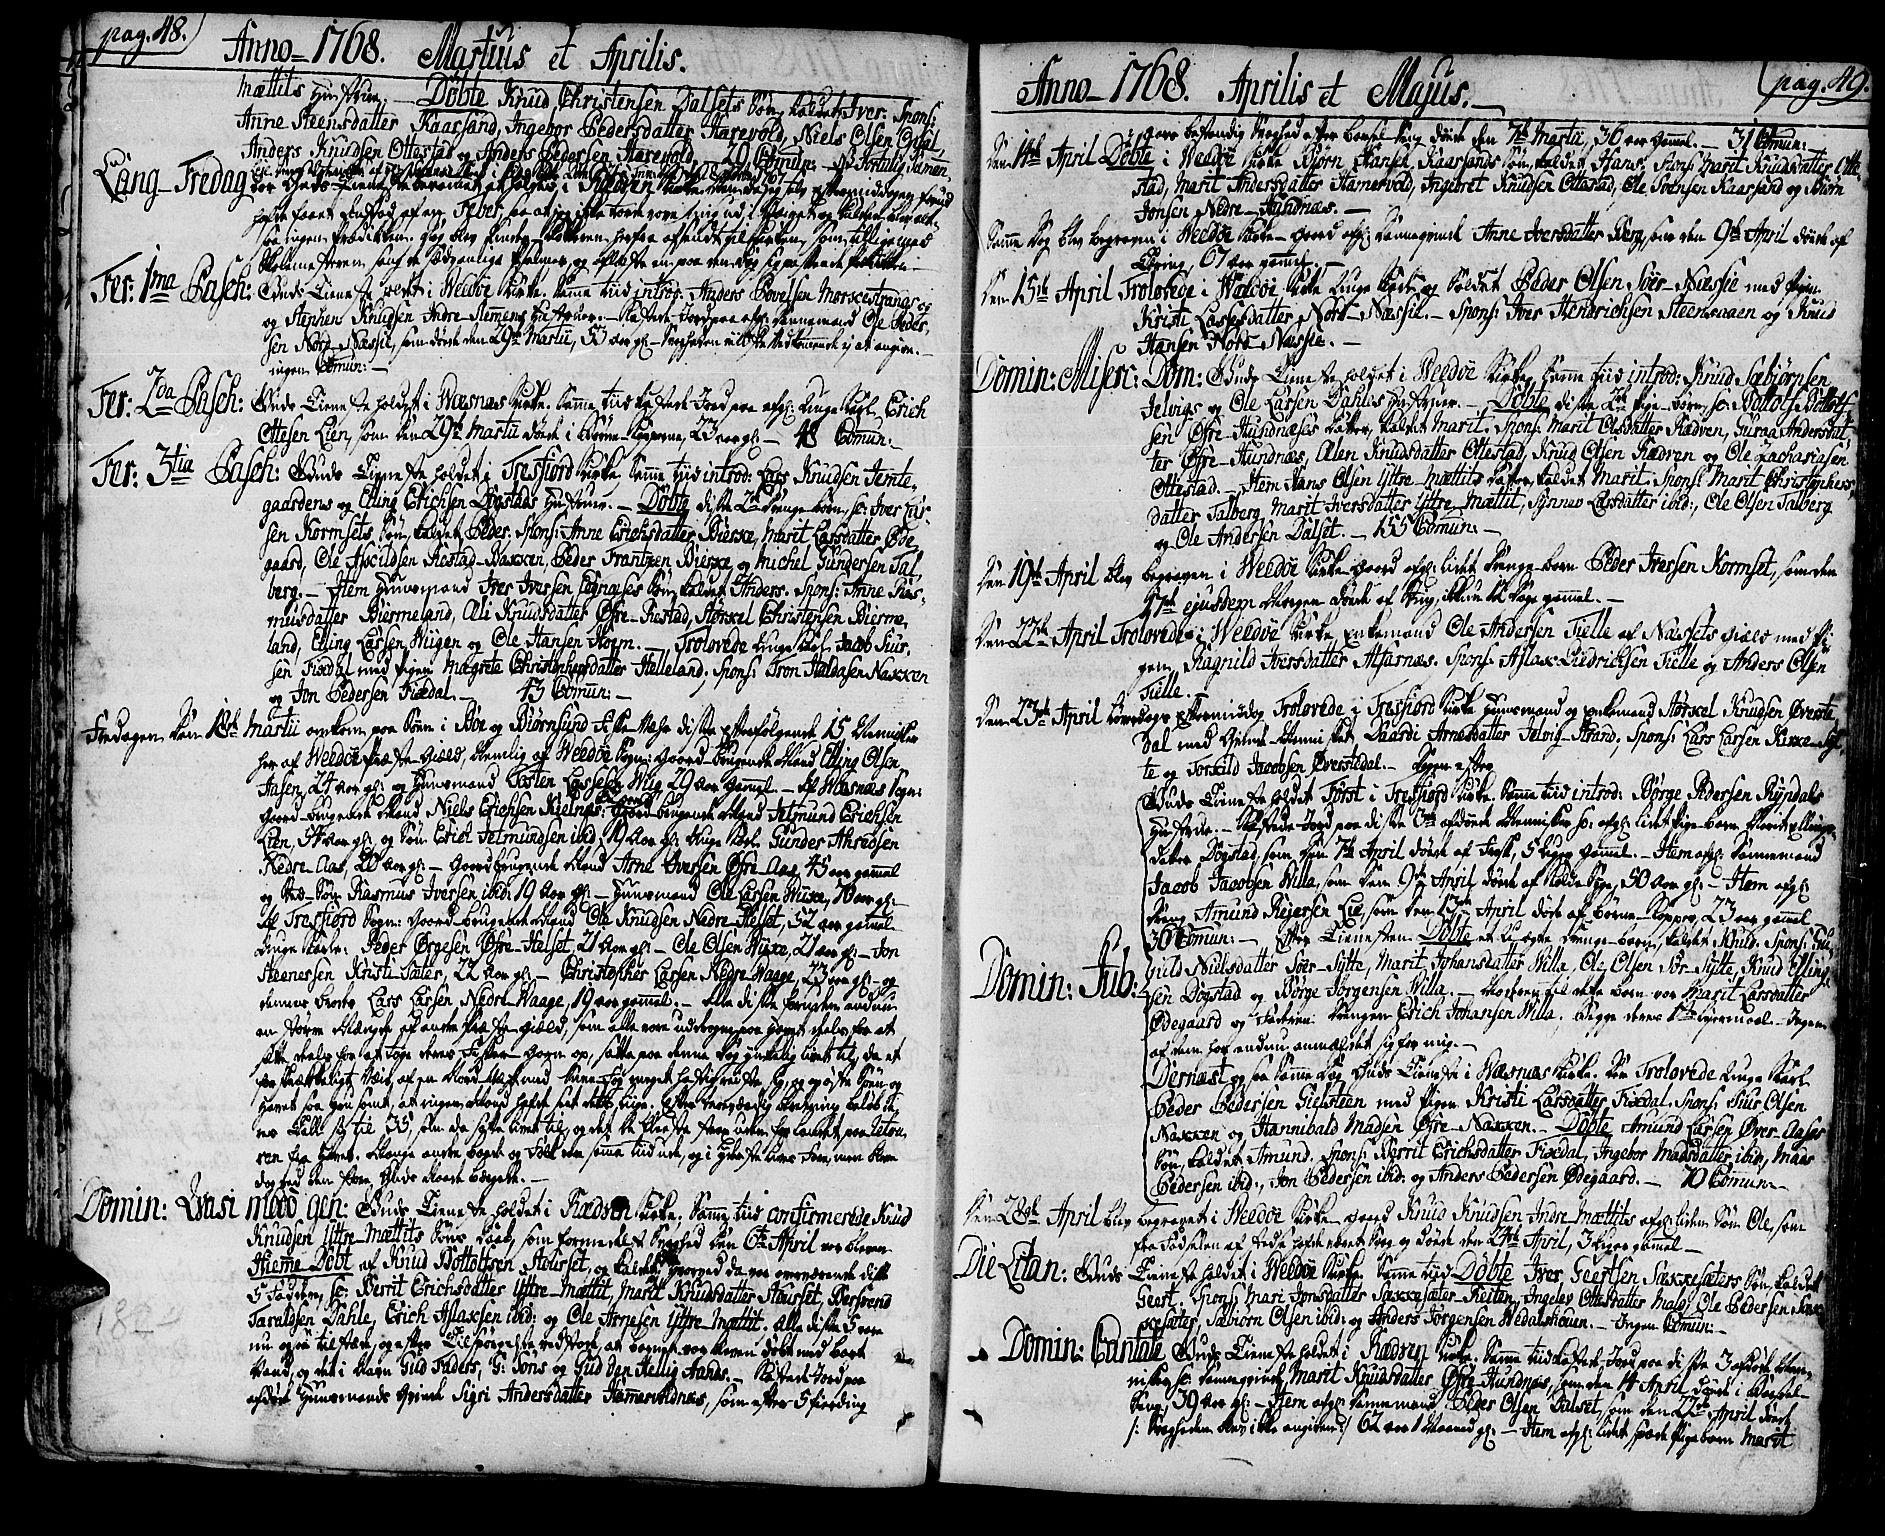 SAT, Ministerialprotokoller, klokkerbøker og fødselsregistre - Møre og Romsdal, 547/L0600: Ministerialbok nr. 547A02, 1765-1799, s. 48-49